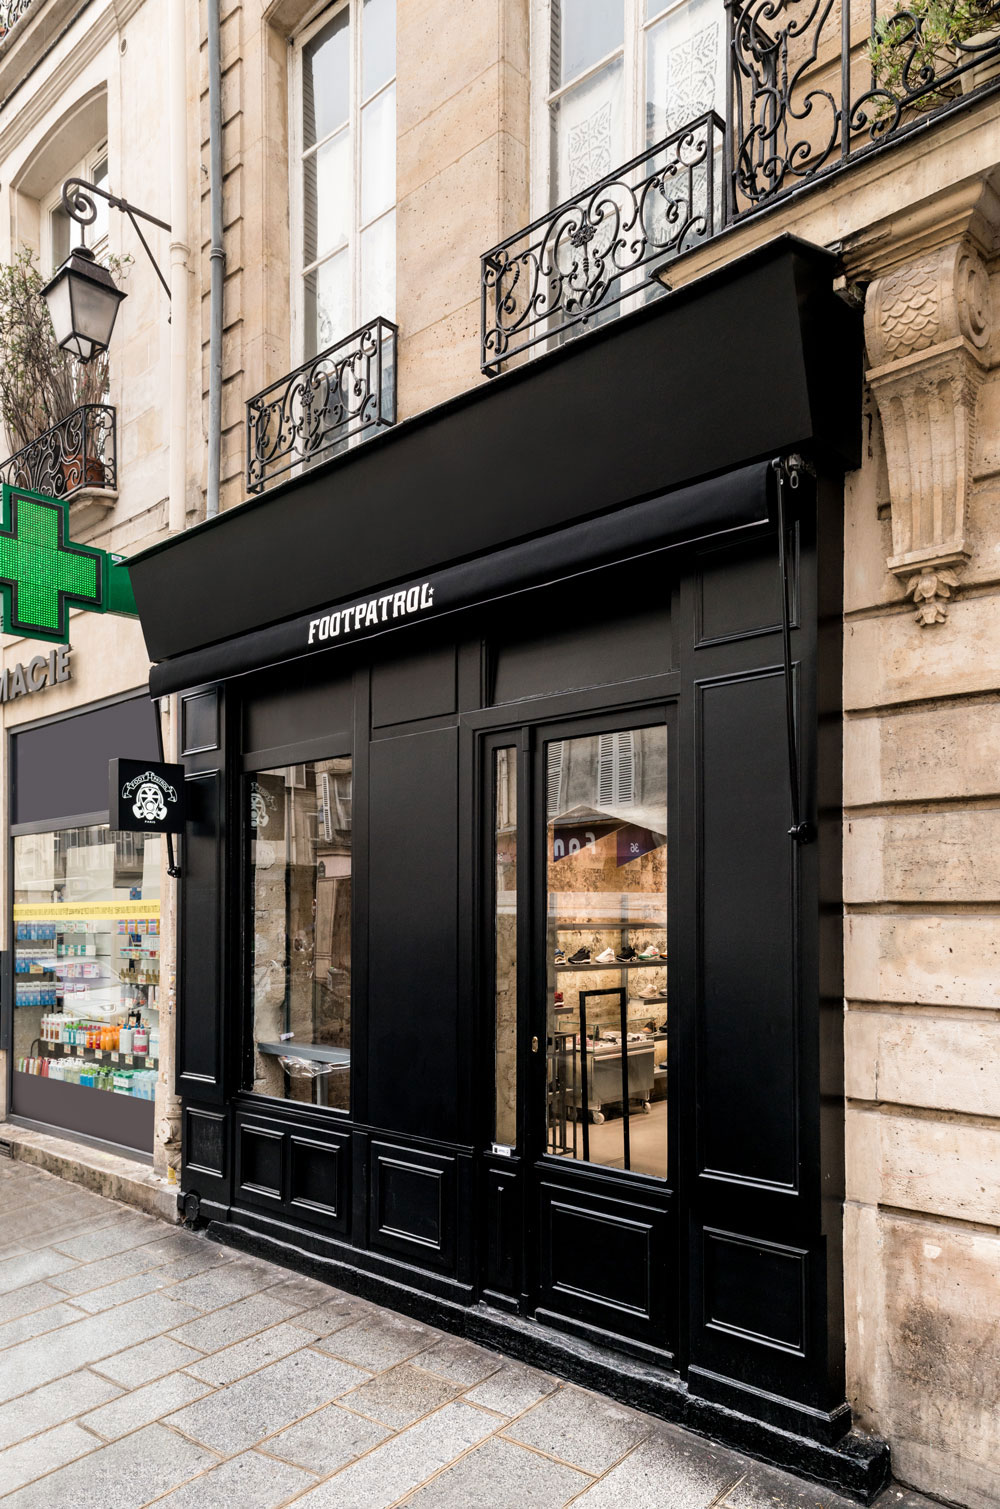 Footpatrol-Paris-Store-Images-Blog-15.jpg